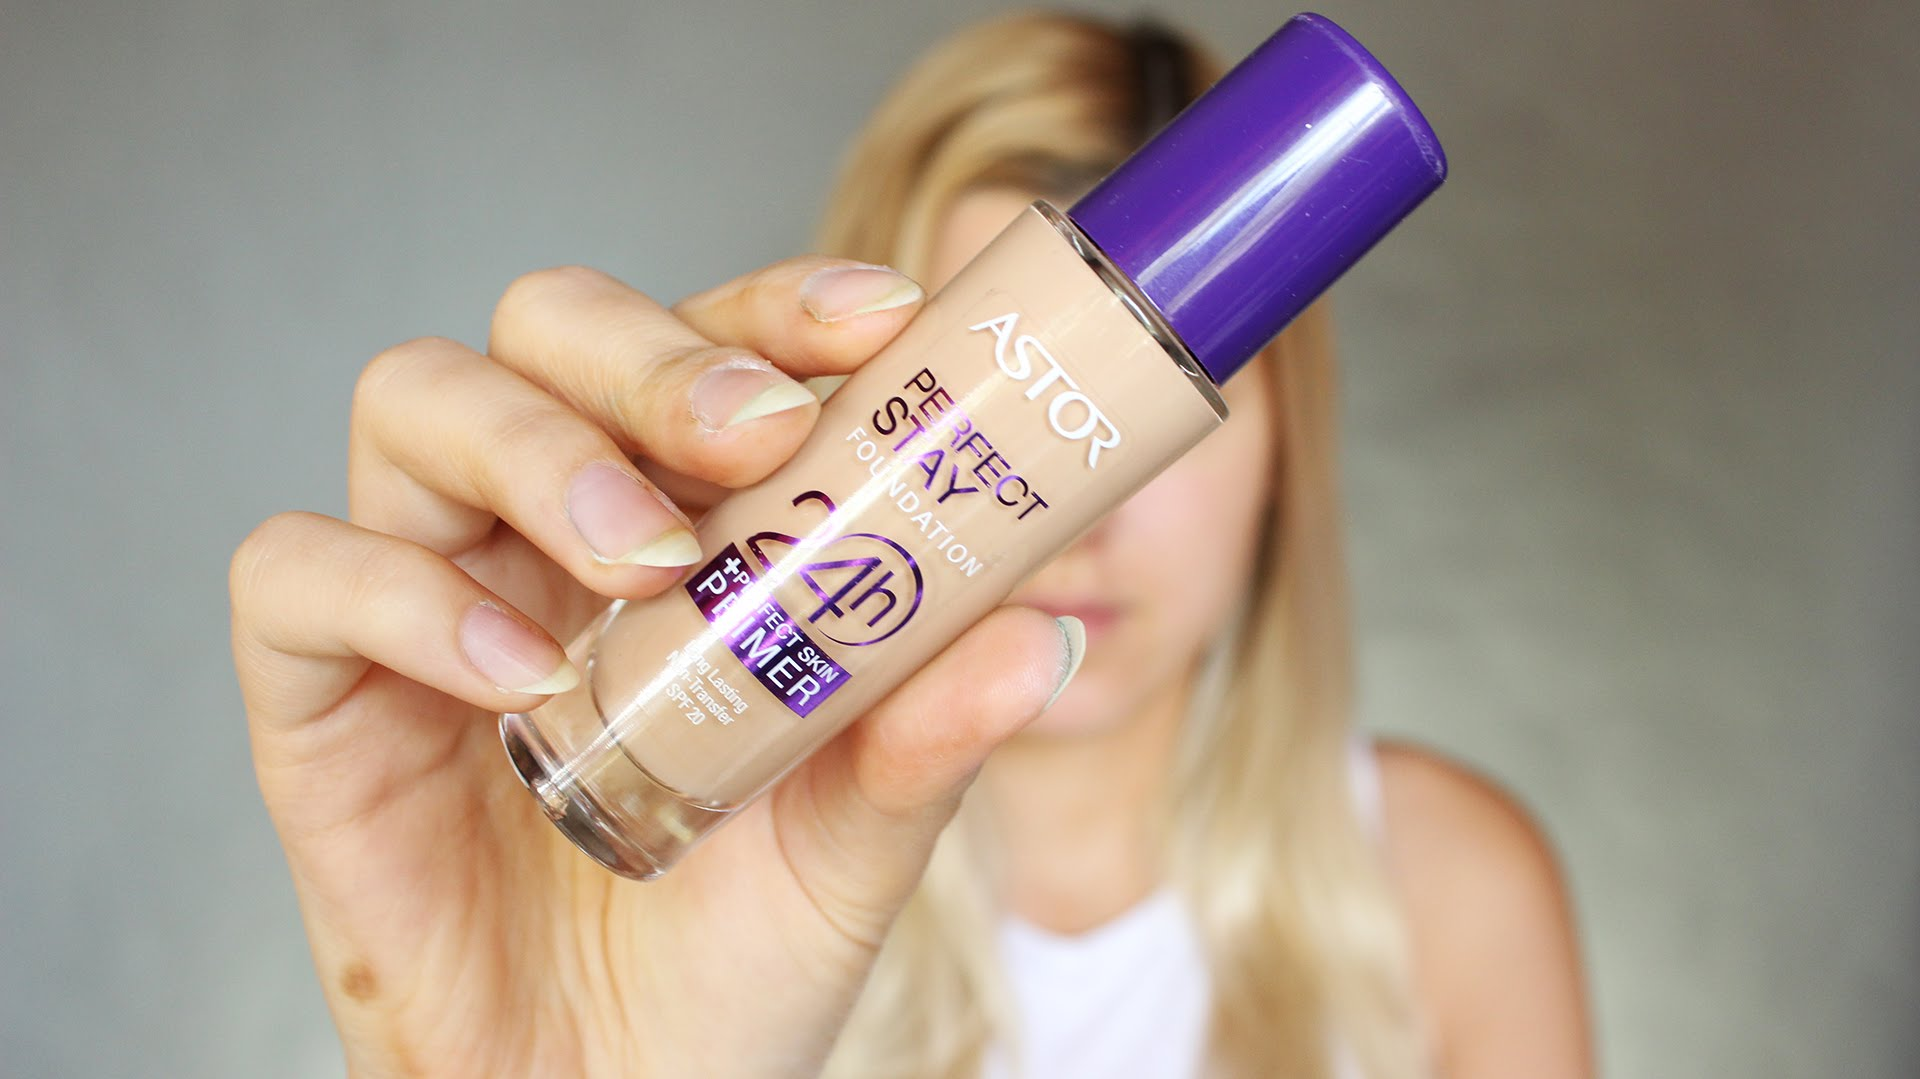 Dois em um base Astor Perfect Stay 24H + Perfect Skin Primer. Vai funcionar?